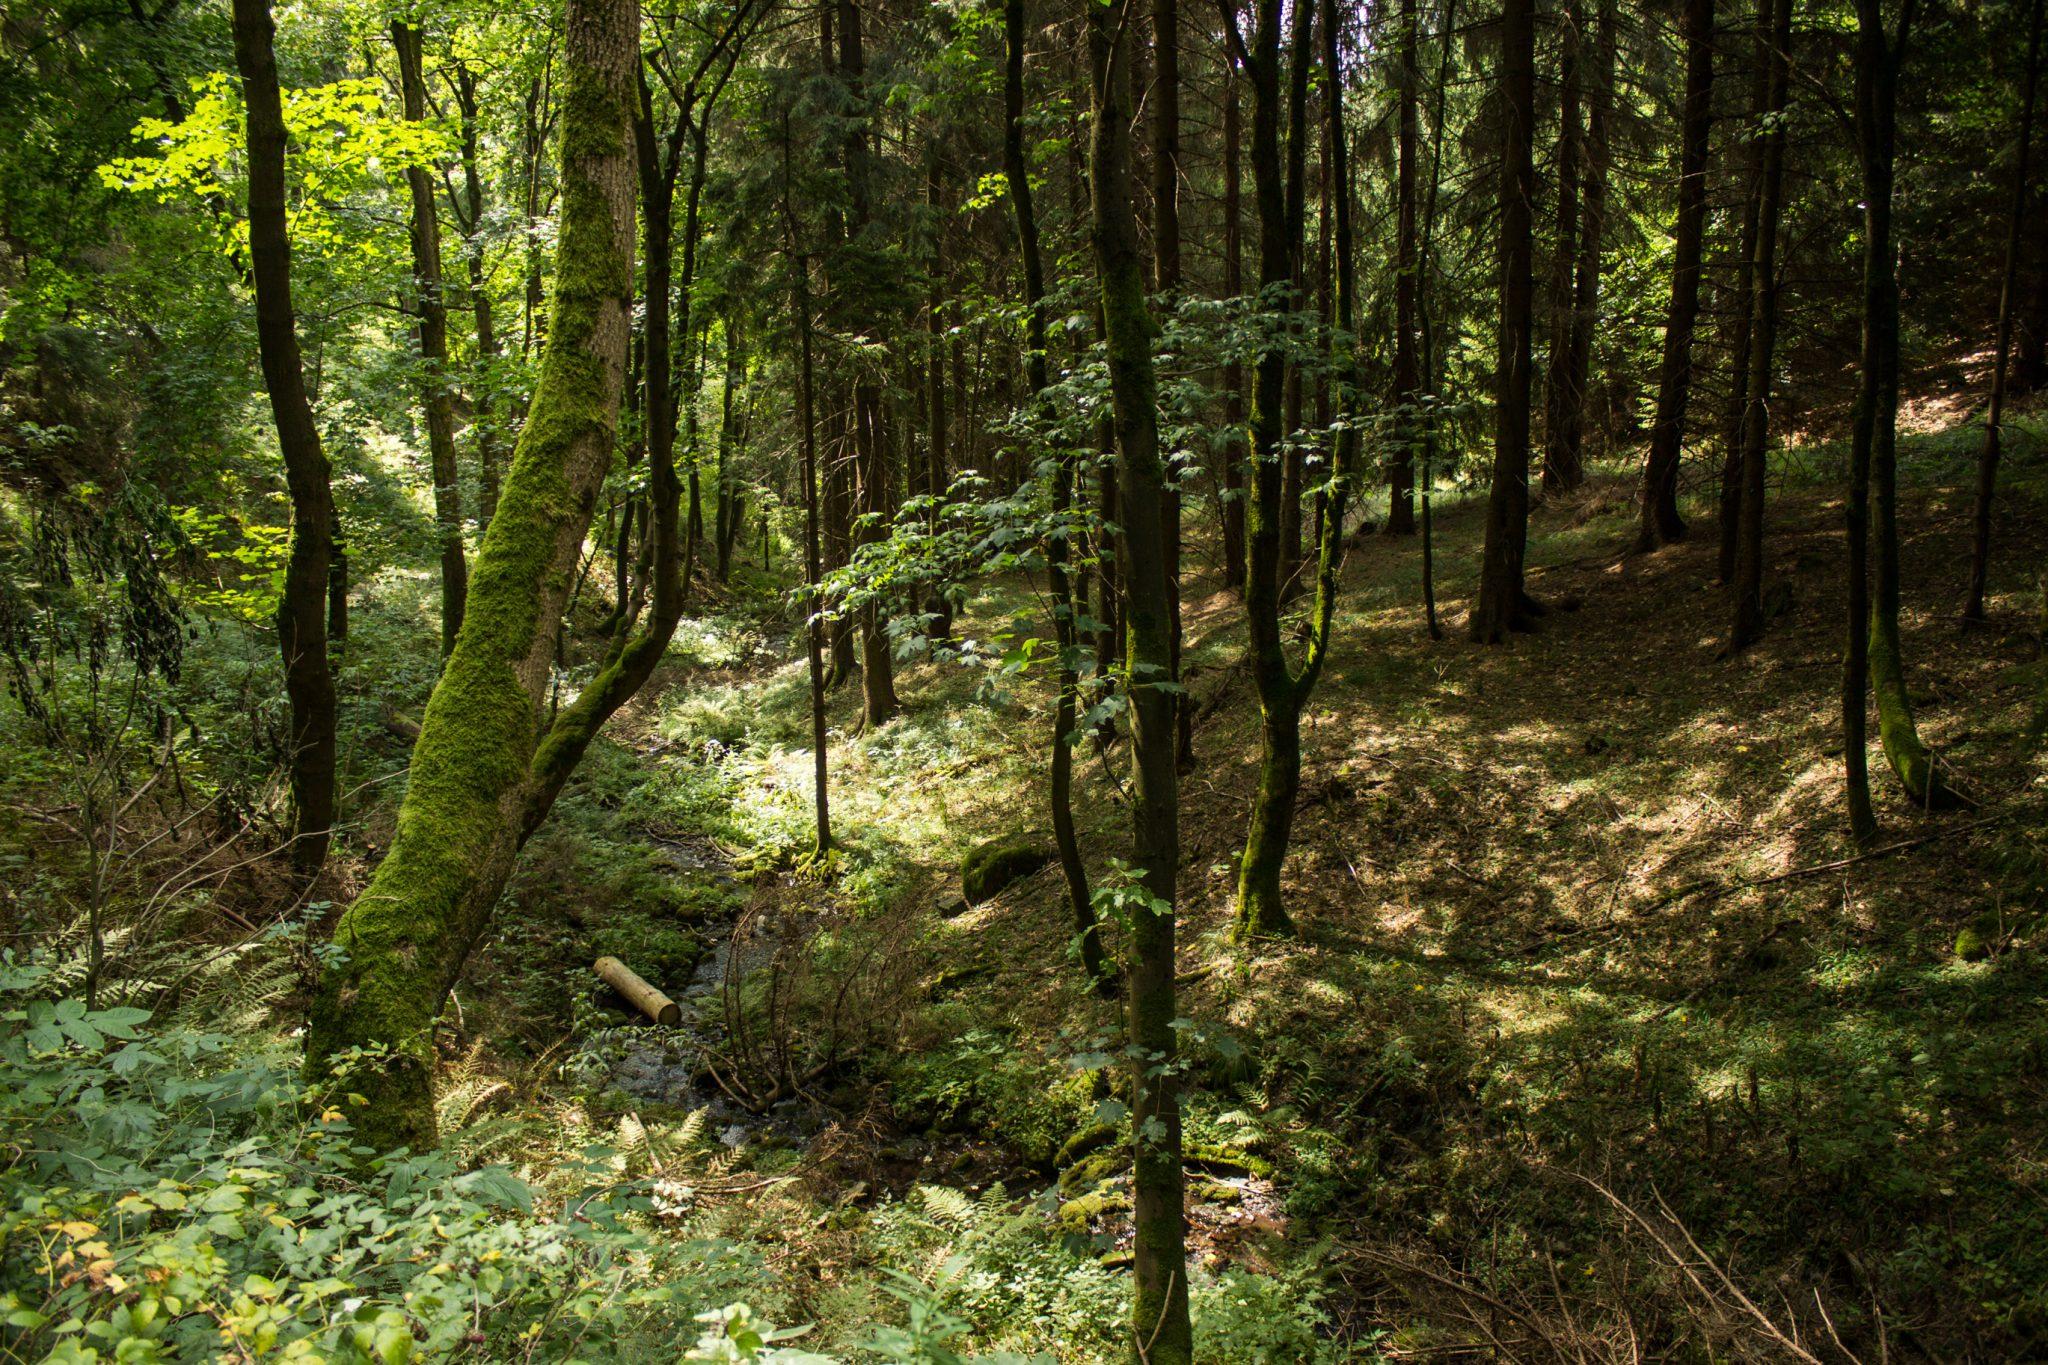 Großer Beerberg Schneekopf und Teufelskanzel, Gipfeltour Wanderung im Thüringer Wald, moosbedeckter Baum, schöner Wald